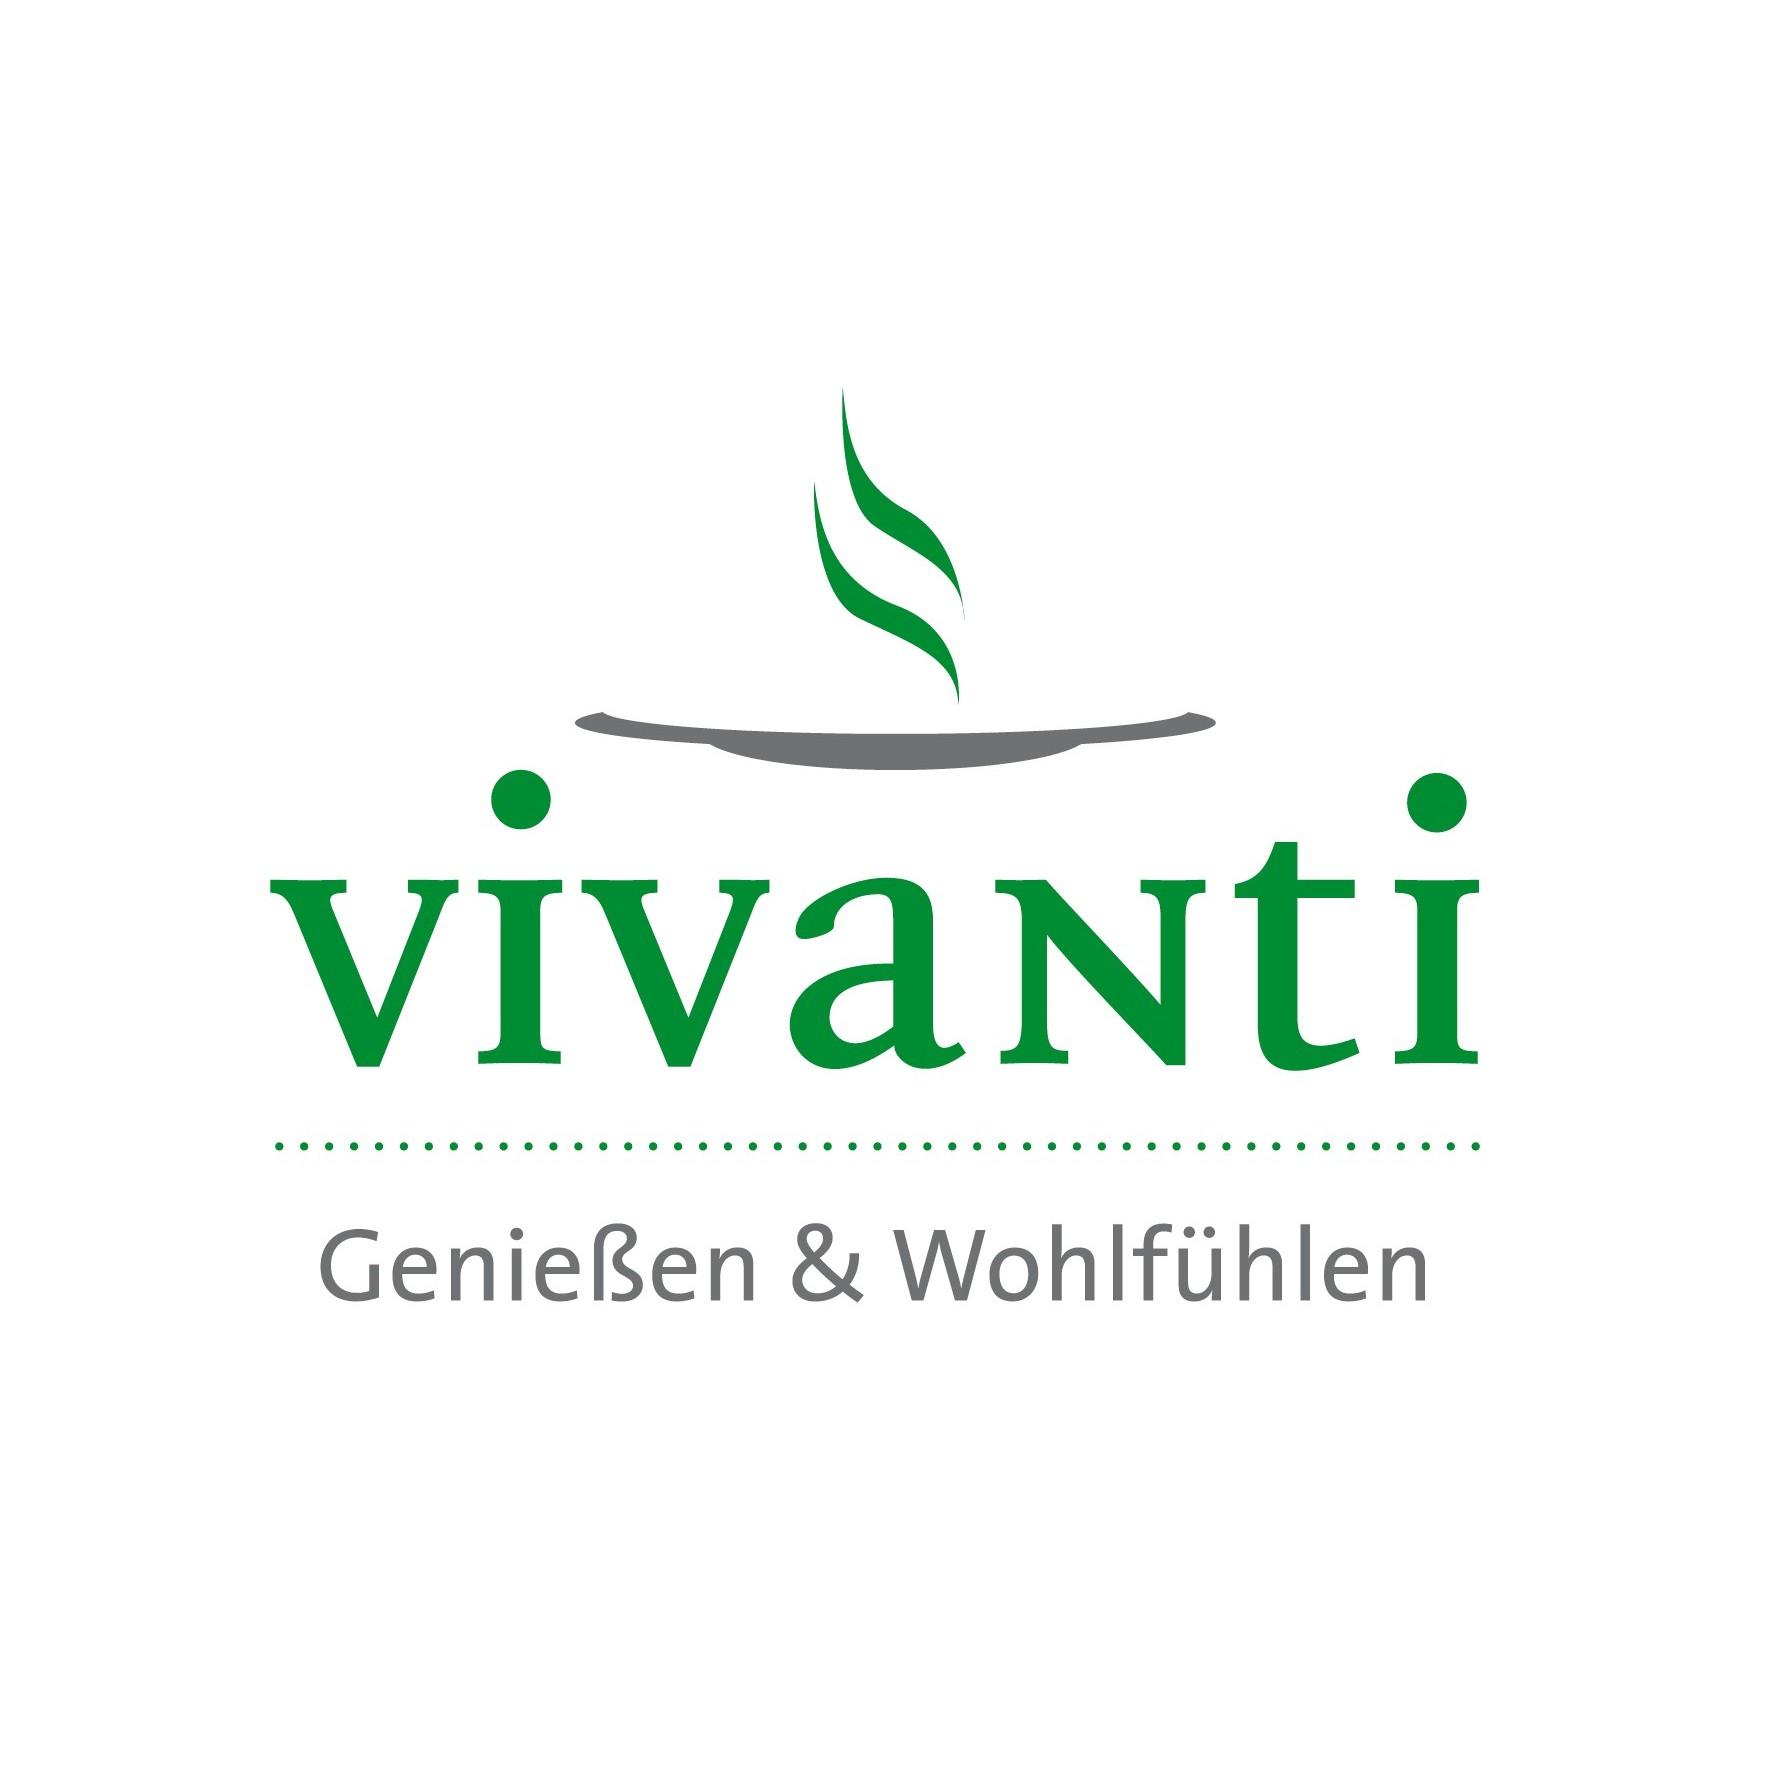 vivanti+claim